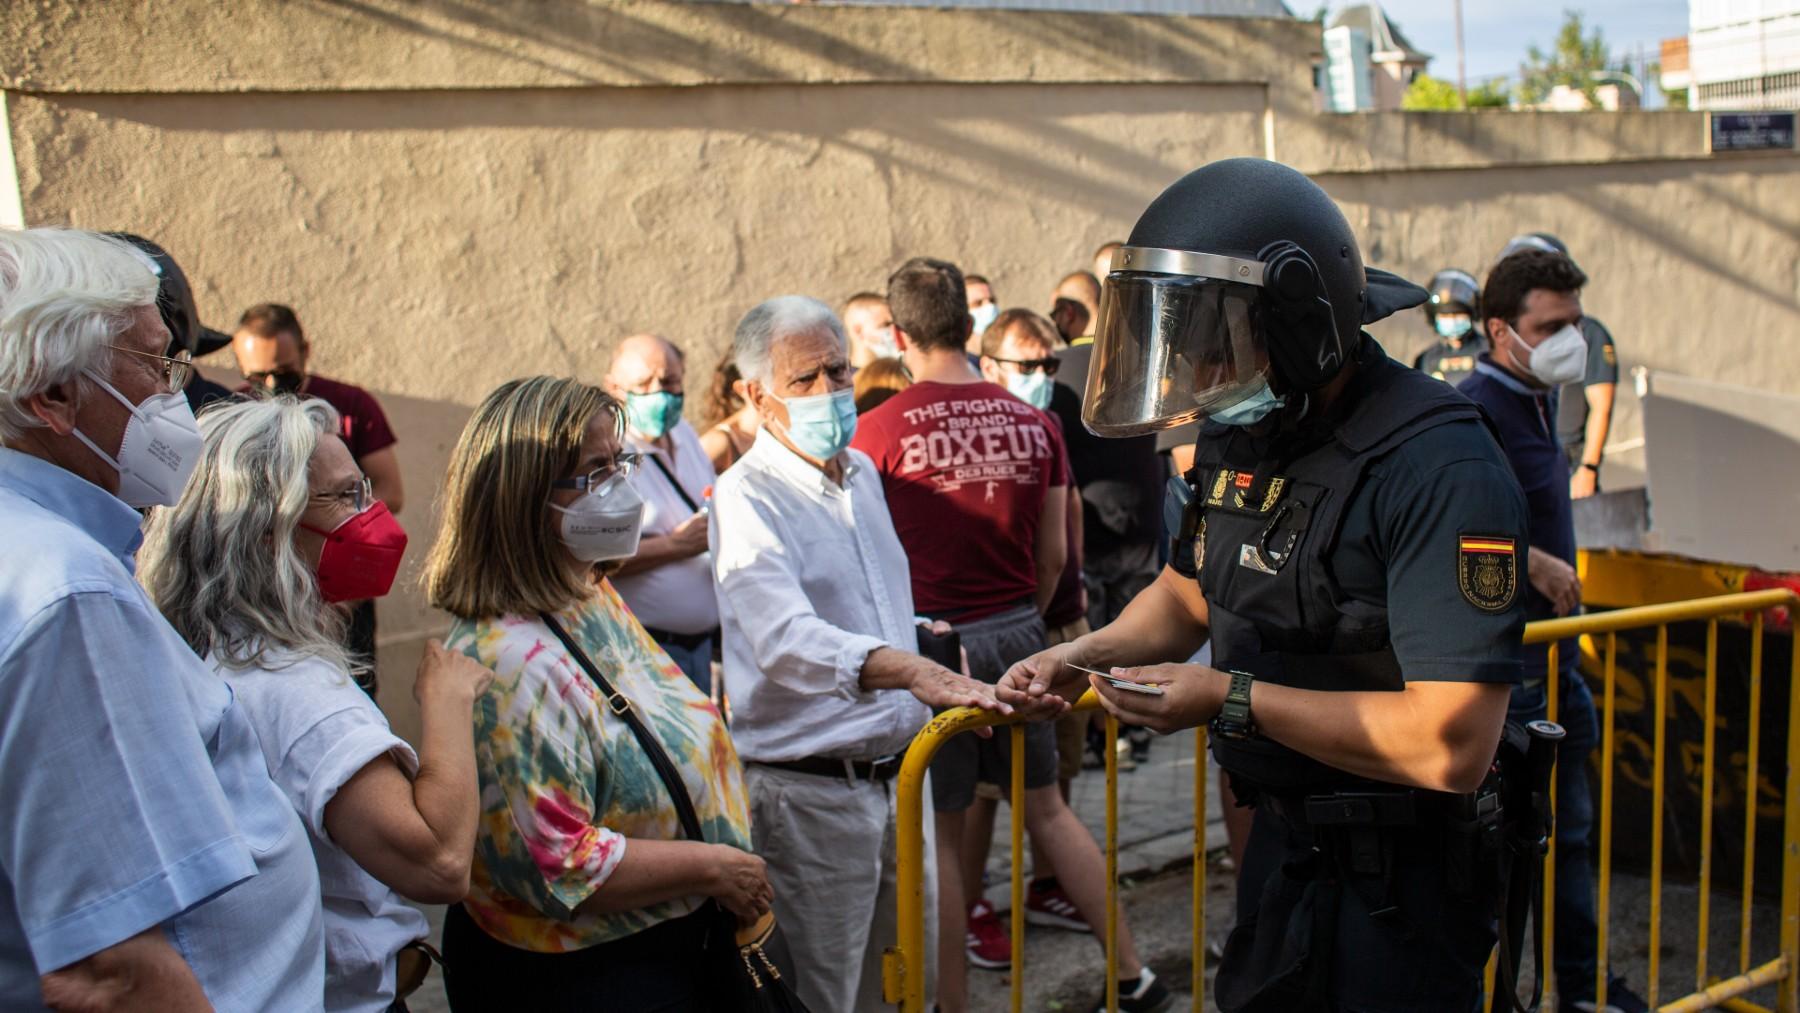 Un antidisturbios identifica a varias personas enfrente de la embajada de Cuba.